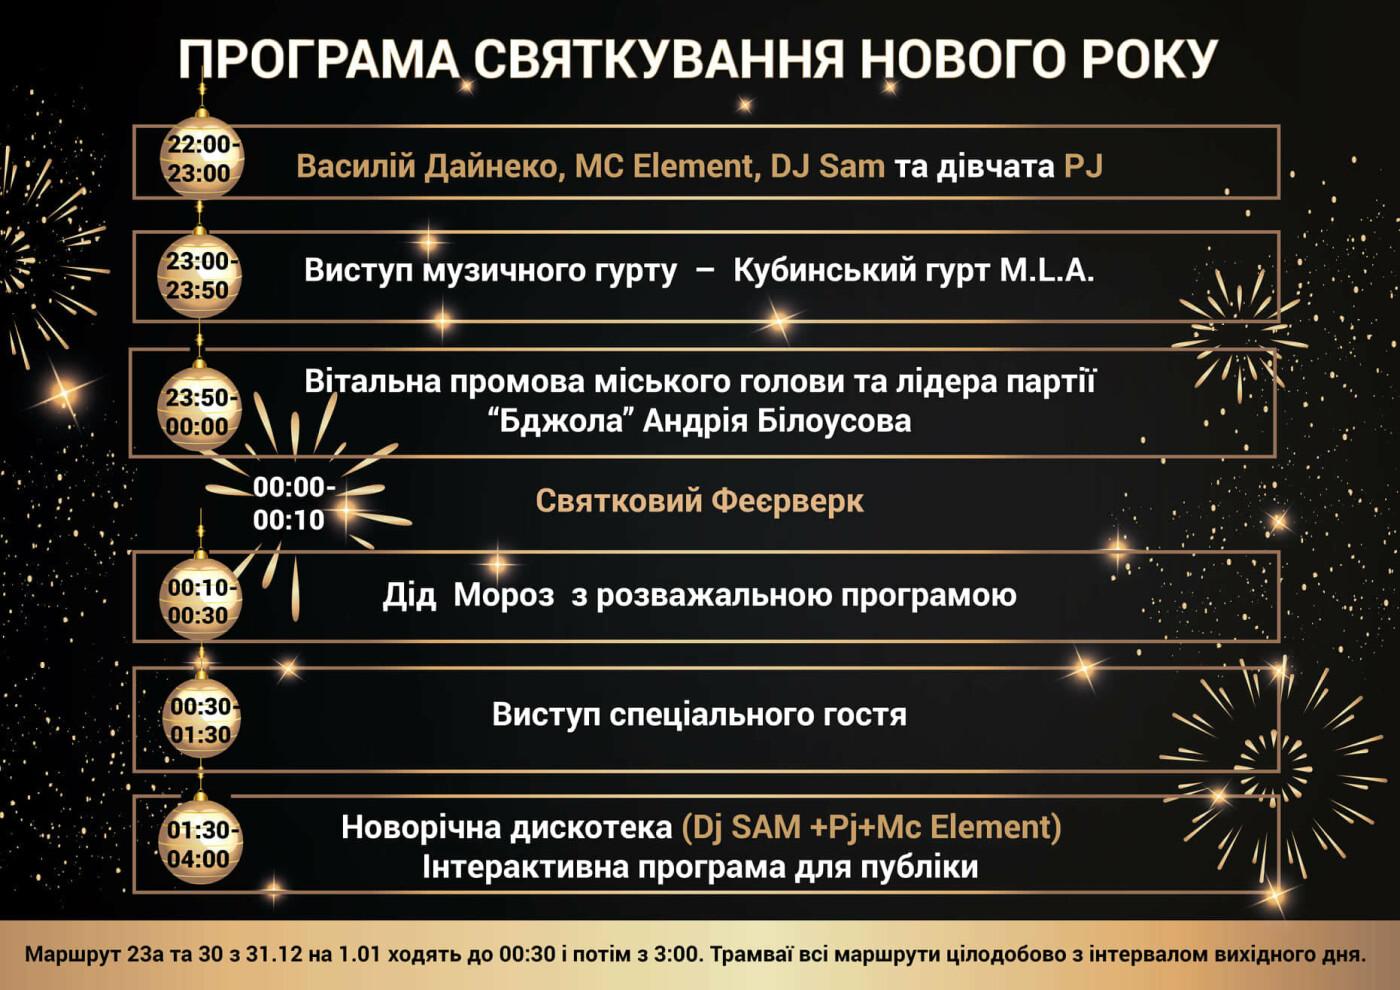 Концерт, фейерверк и поздравления: каменчан приглашают отпраздновать Новый год у главной елки , фото-1